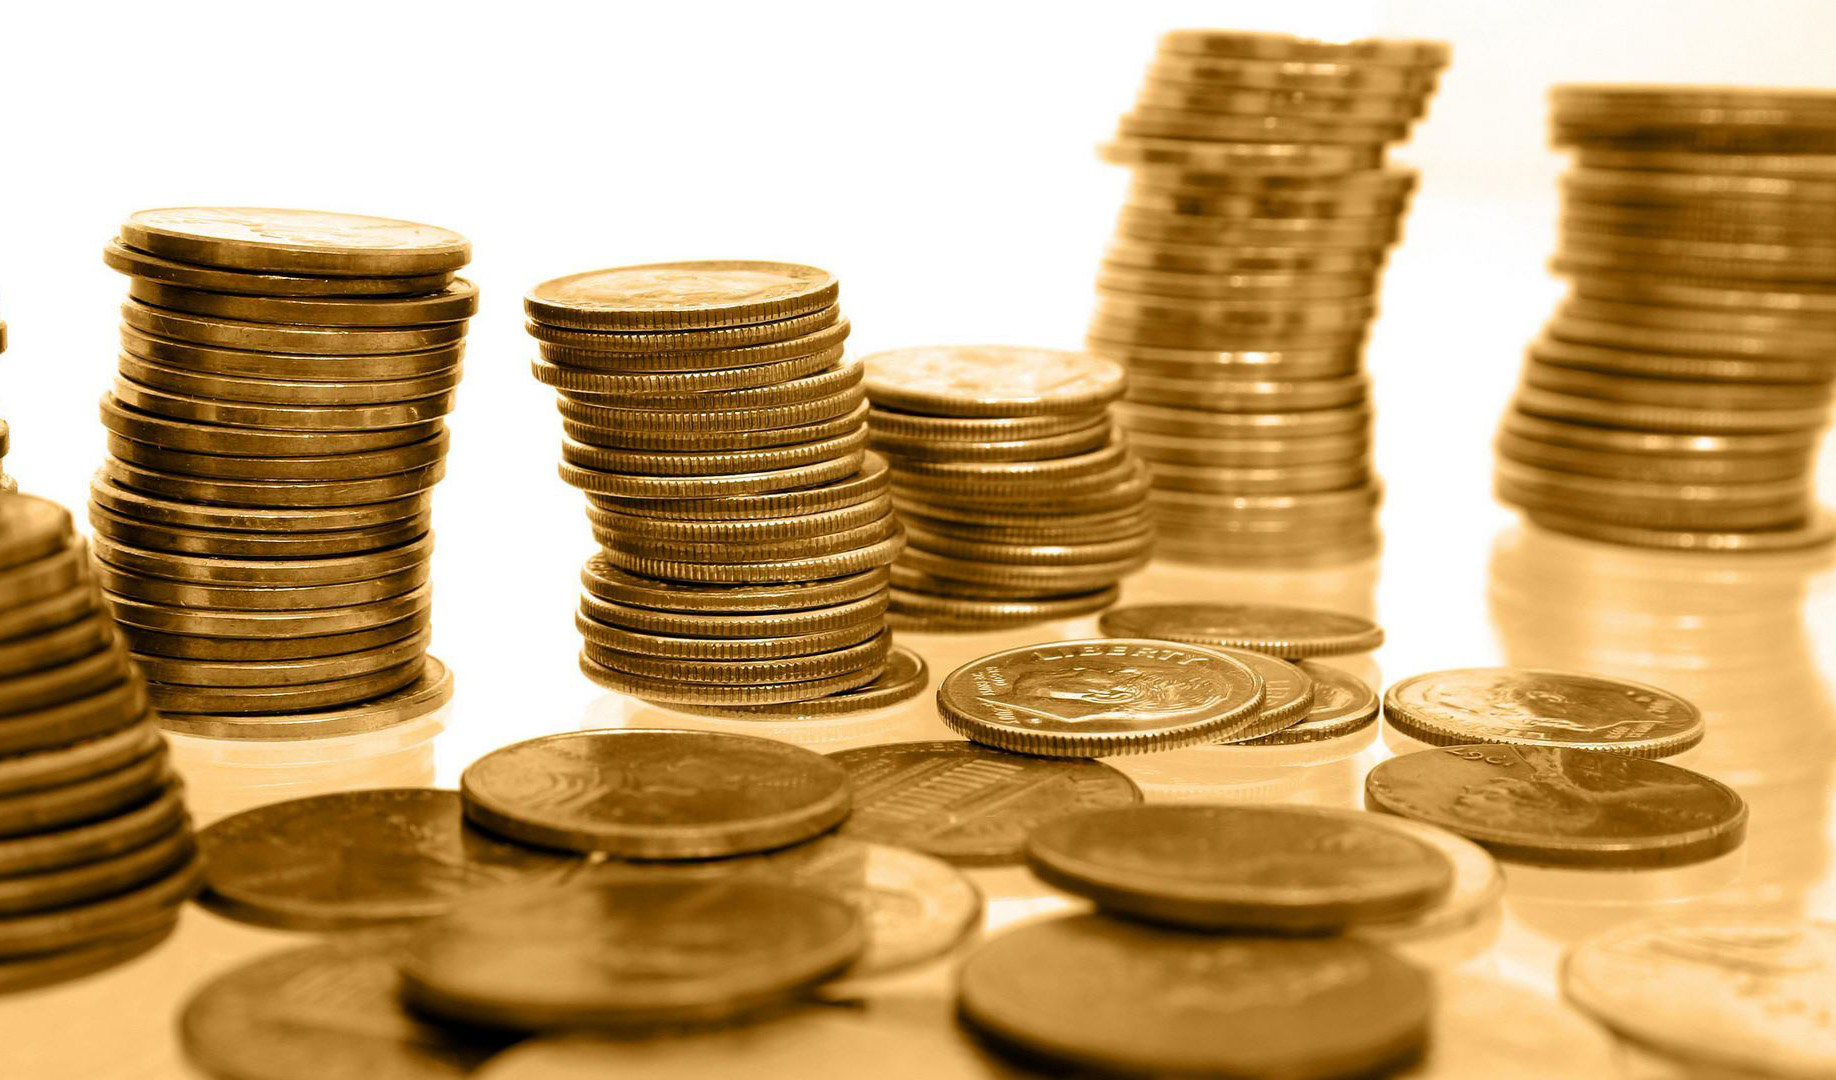 افزایش ملایم بهای سکه همزمان با سقوط بیسابقه قیمت جهانی طلا